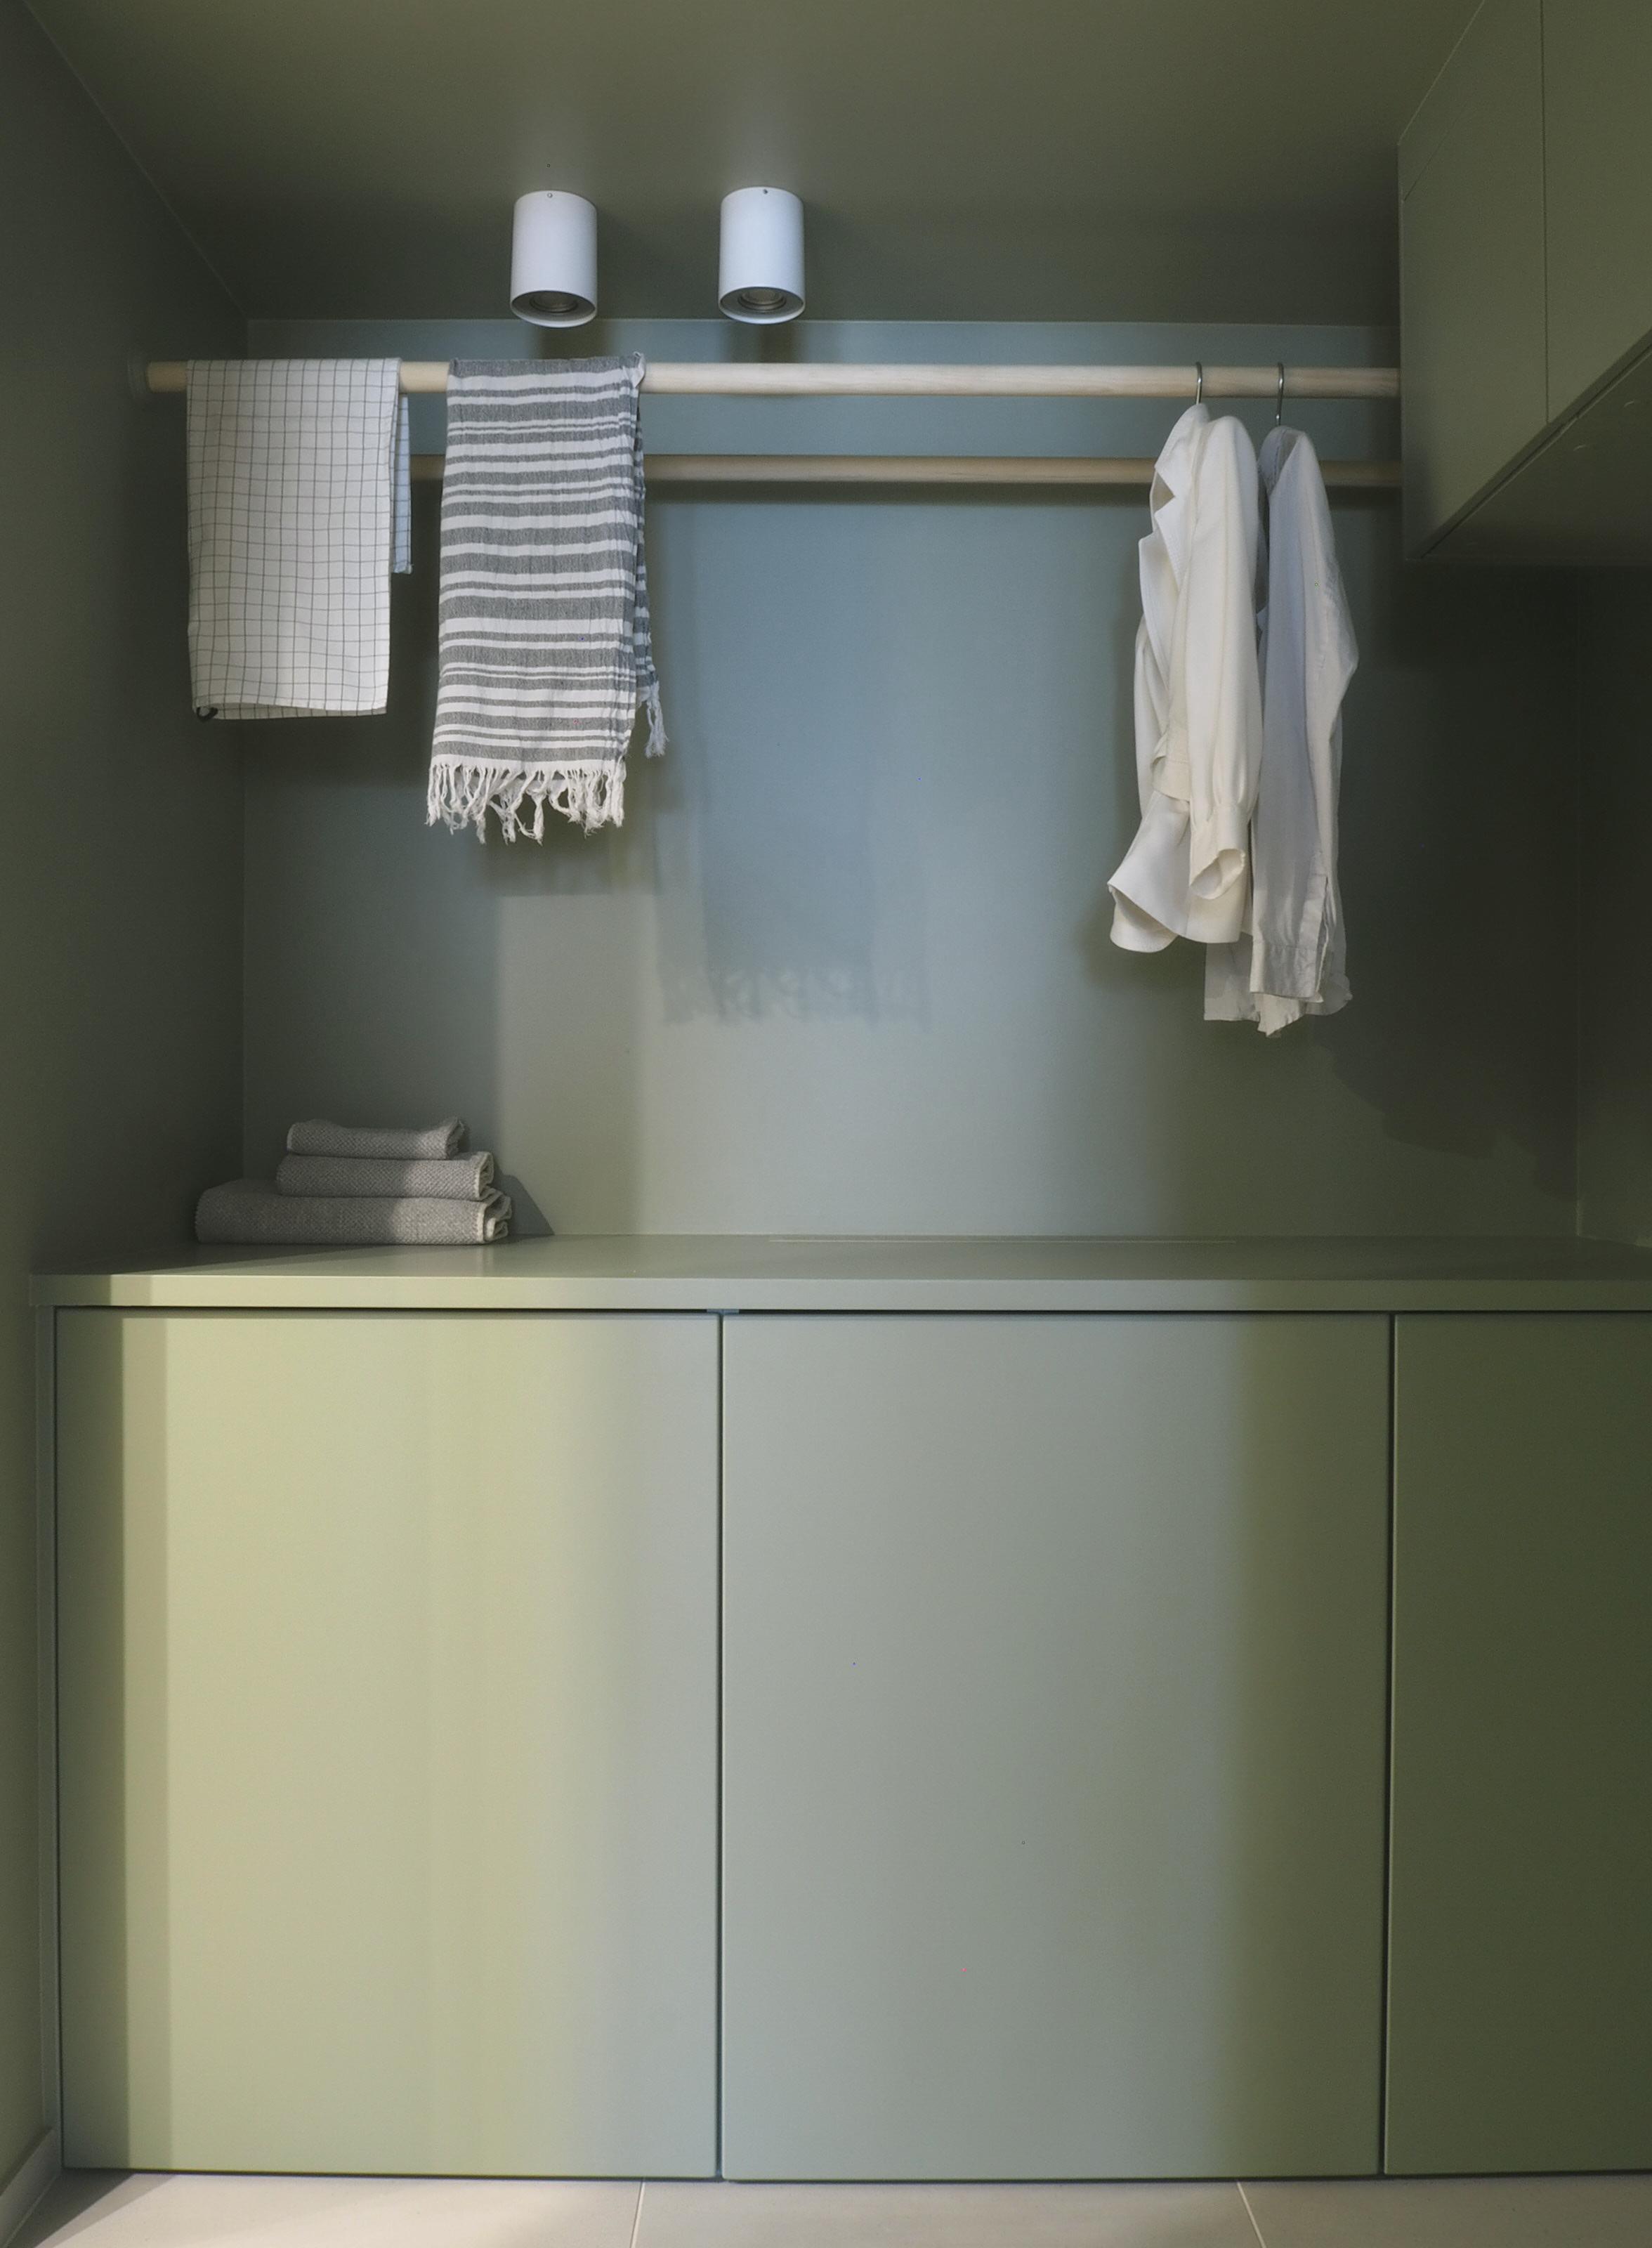 Rundstokk montert fra vegg til vegg løser behovet for lufttørking av klær.